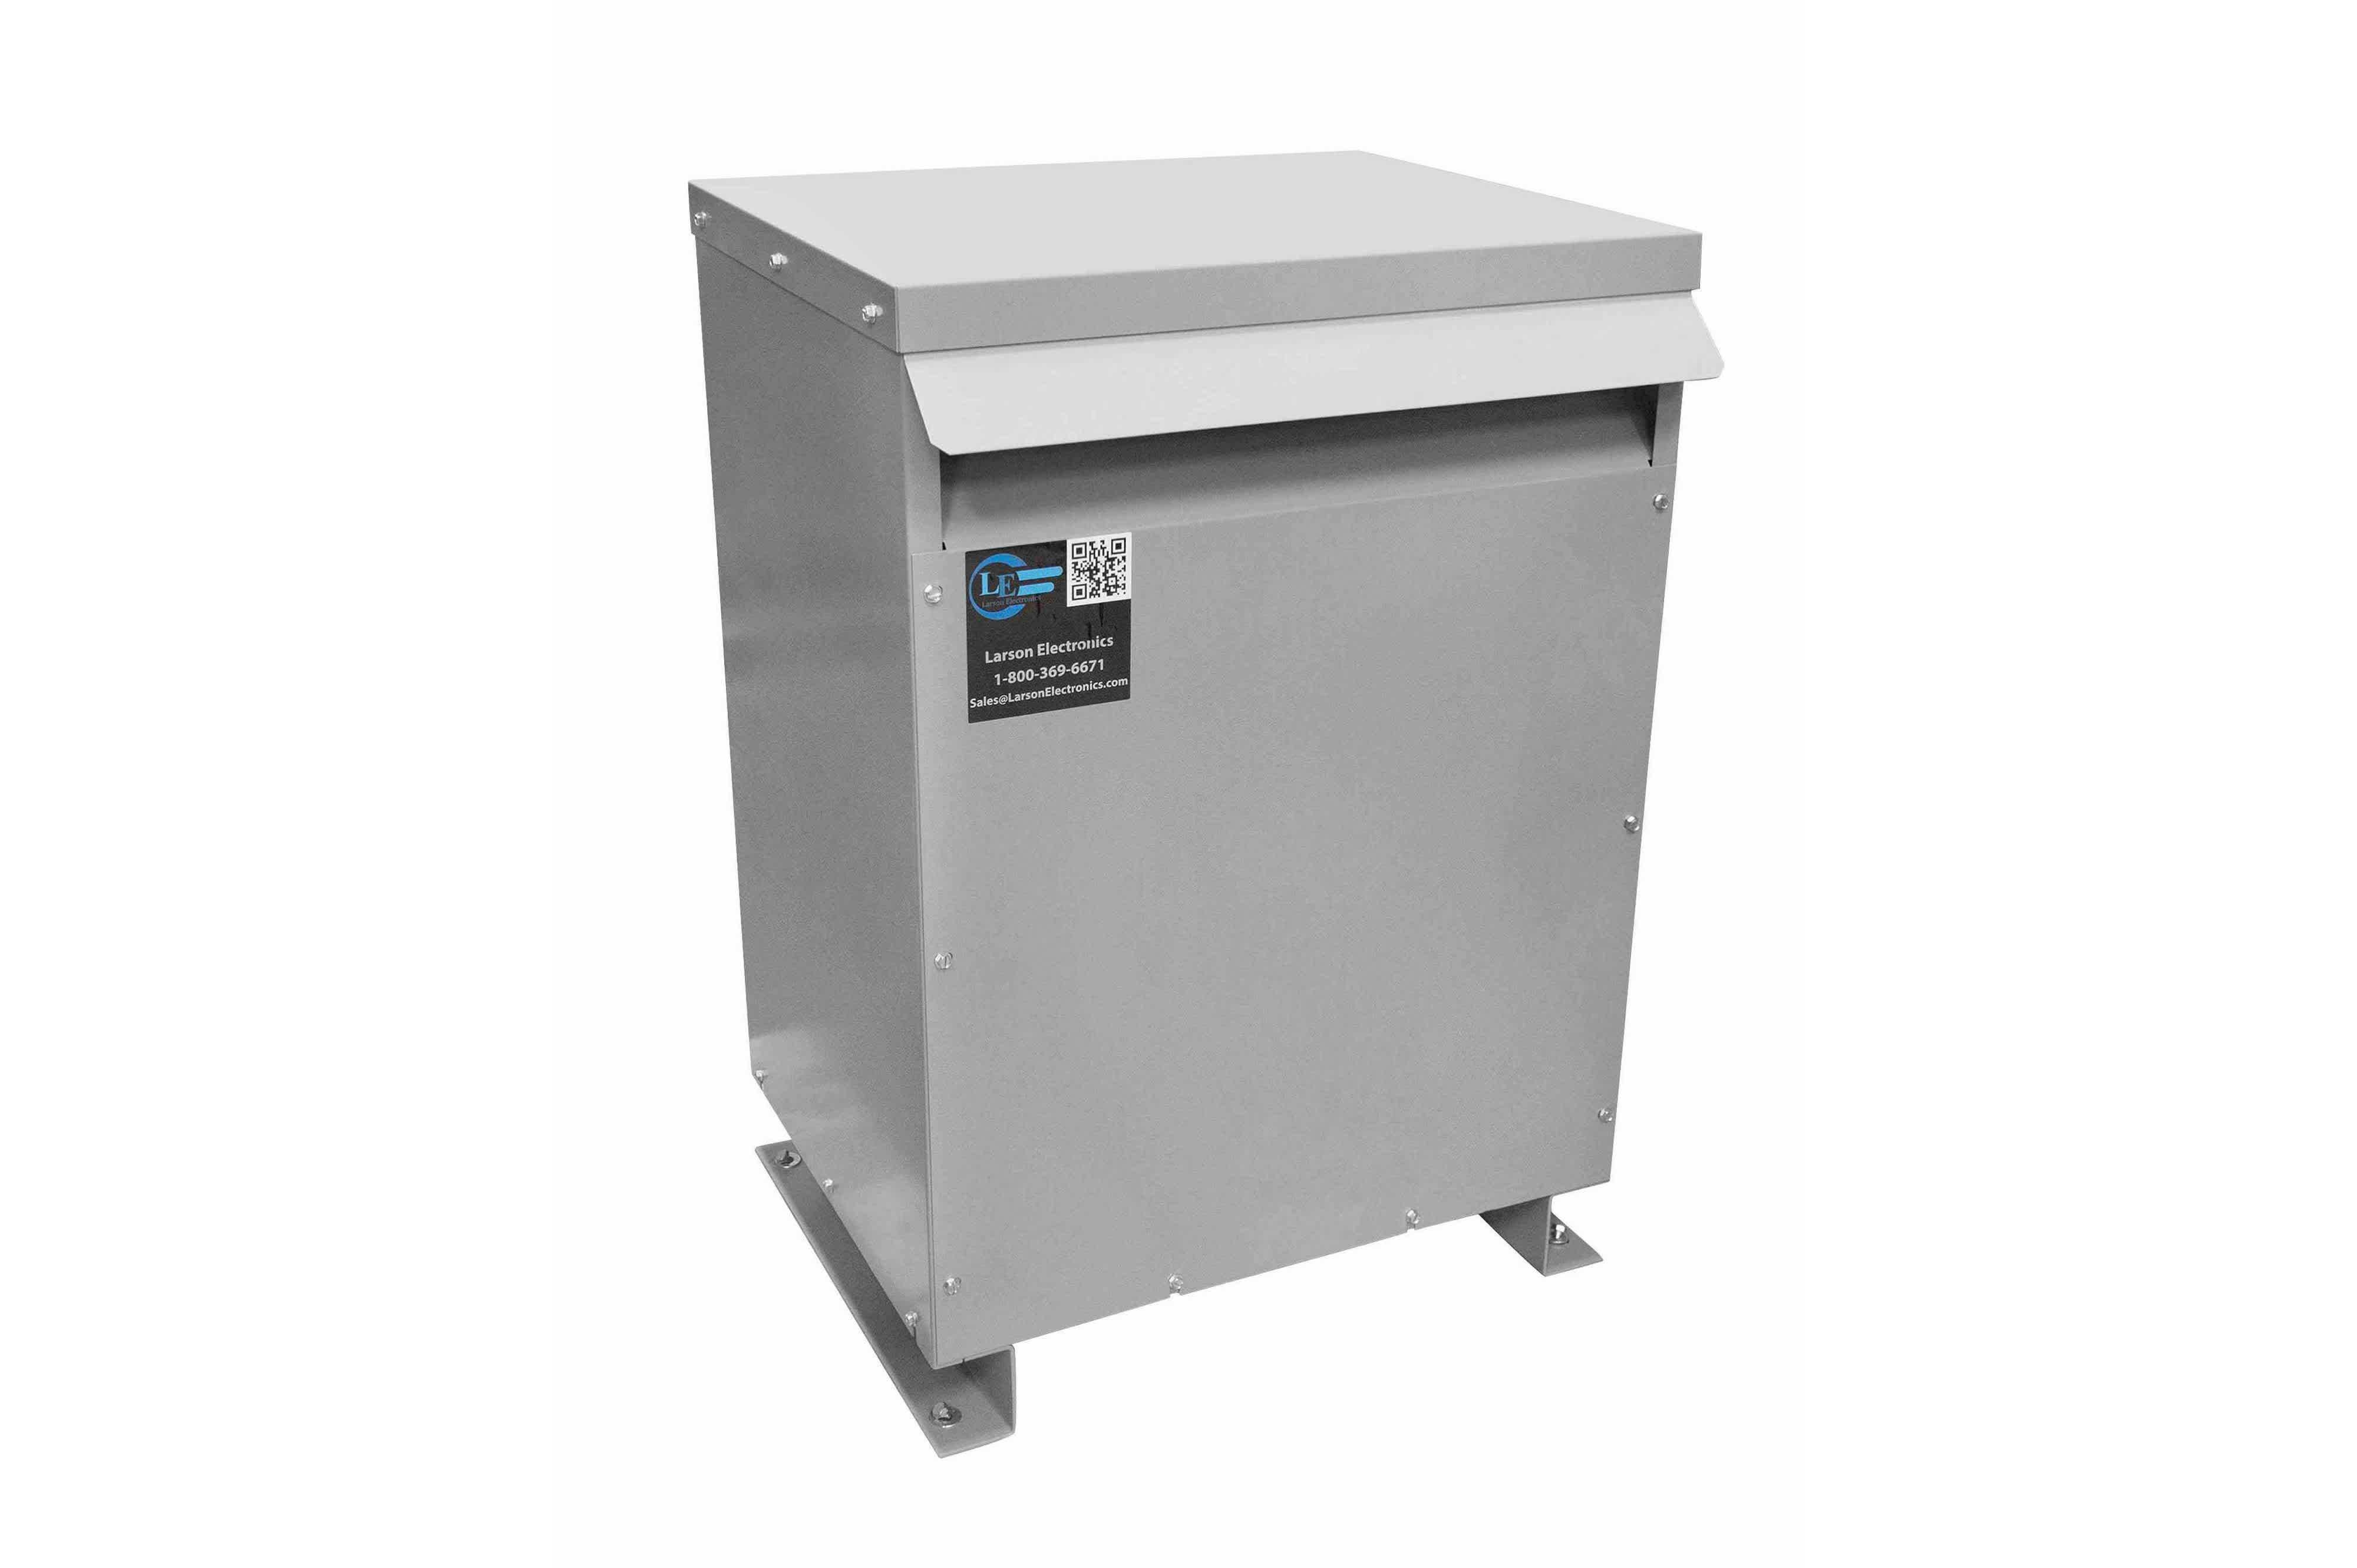 40 kVA 3PH Isolation Transformer, 415V Delta Primary, 480V Delta Secondary, N3R, Ventilated, 60 Hz